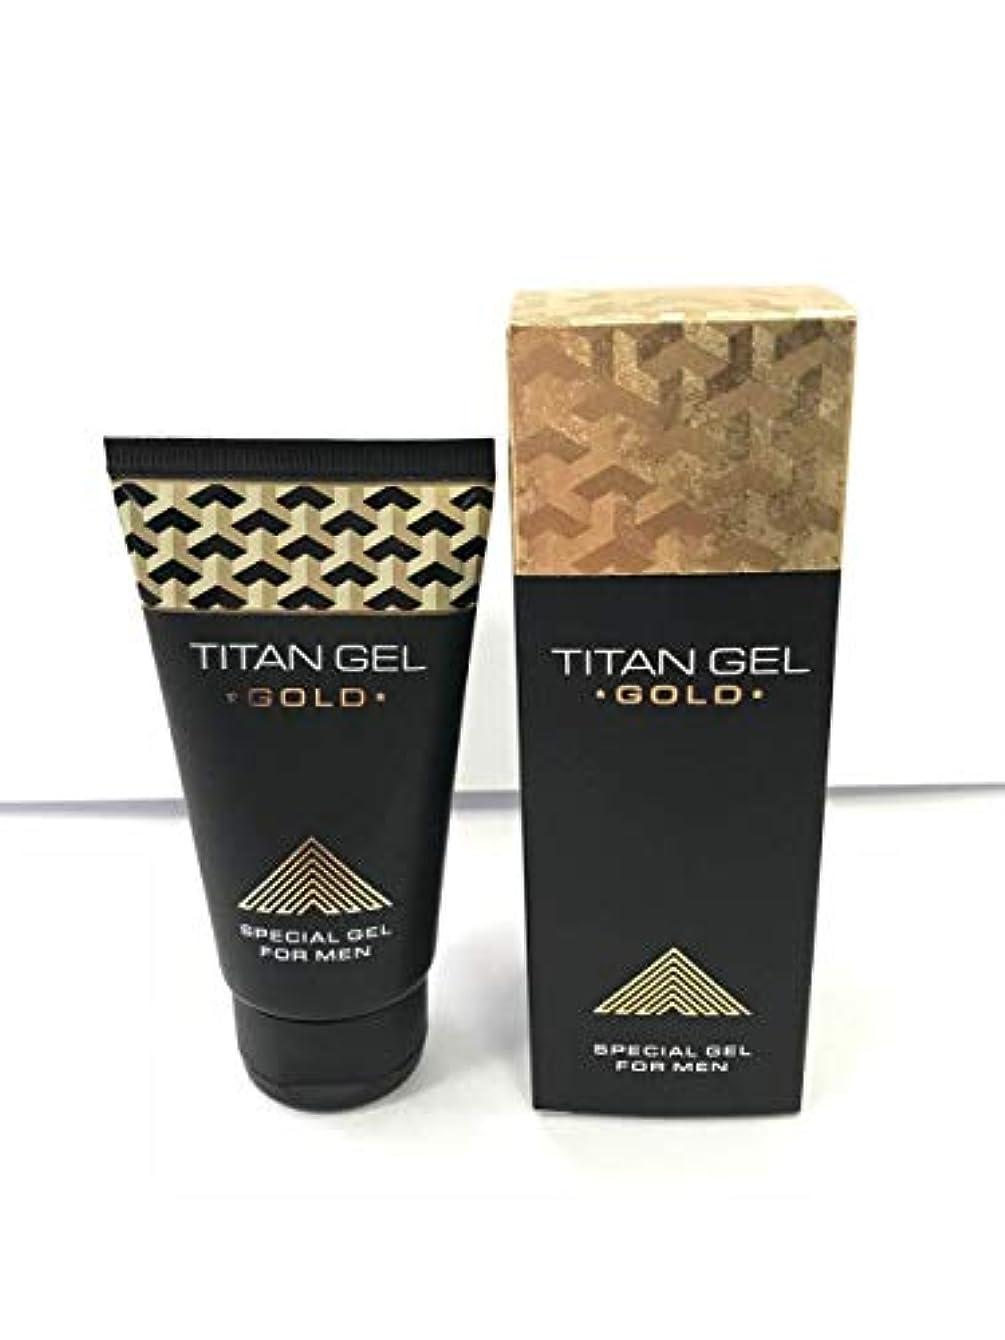 断片世代友情タイタンジェル ゴールド Titan gel Gold 50ml 3箱セット 日本語説明付き [並行輸入品]